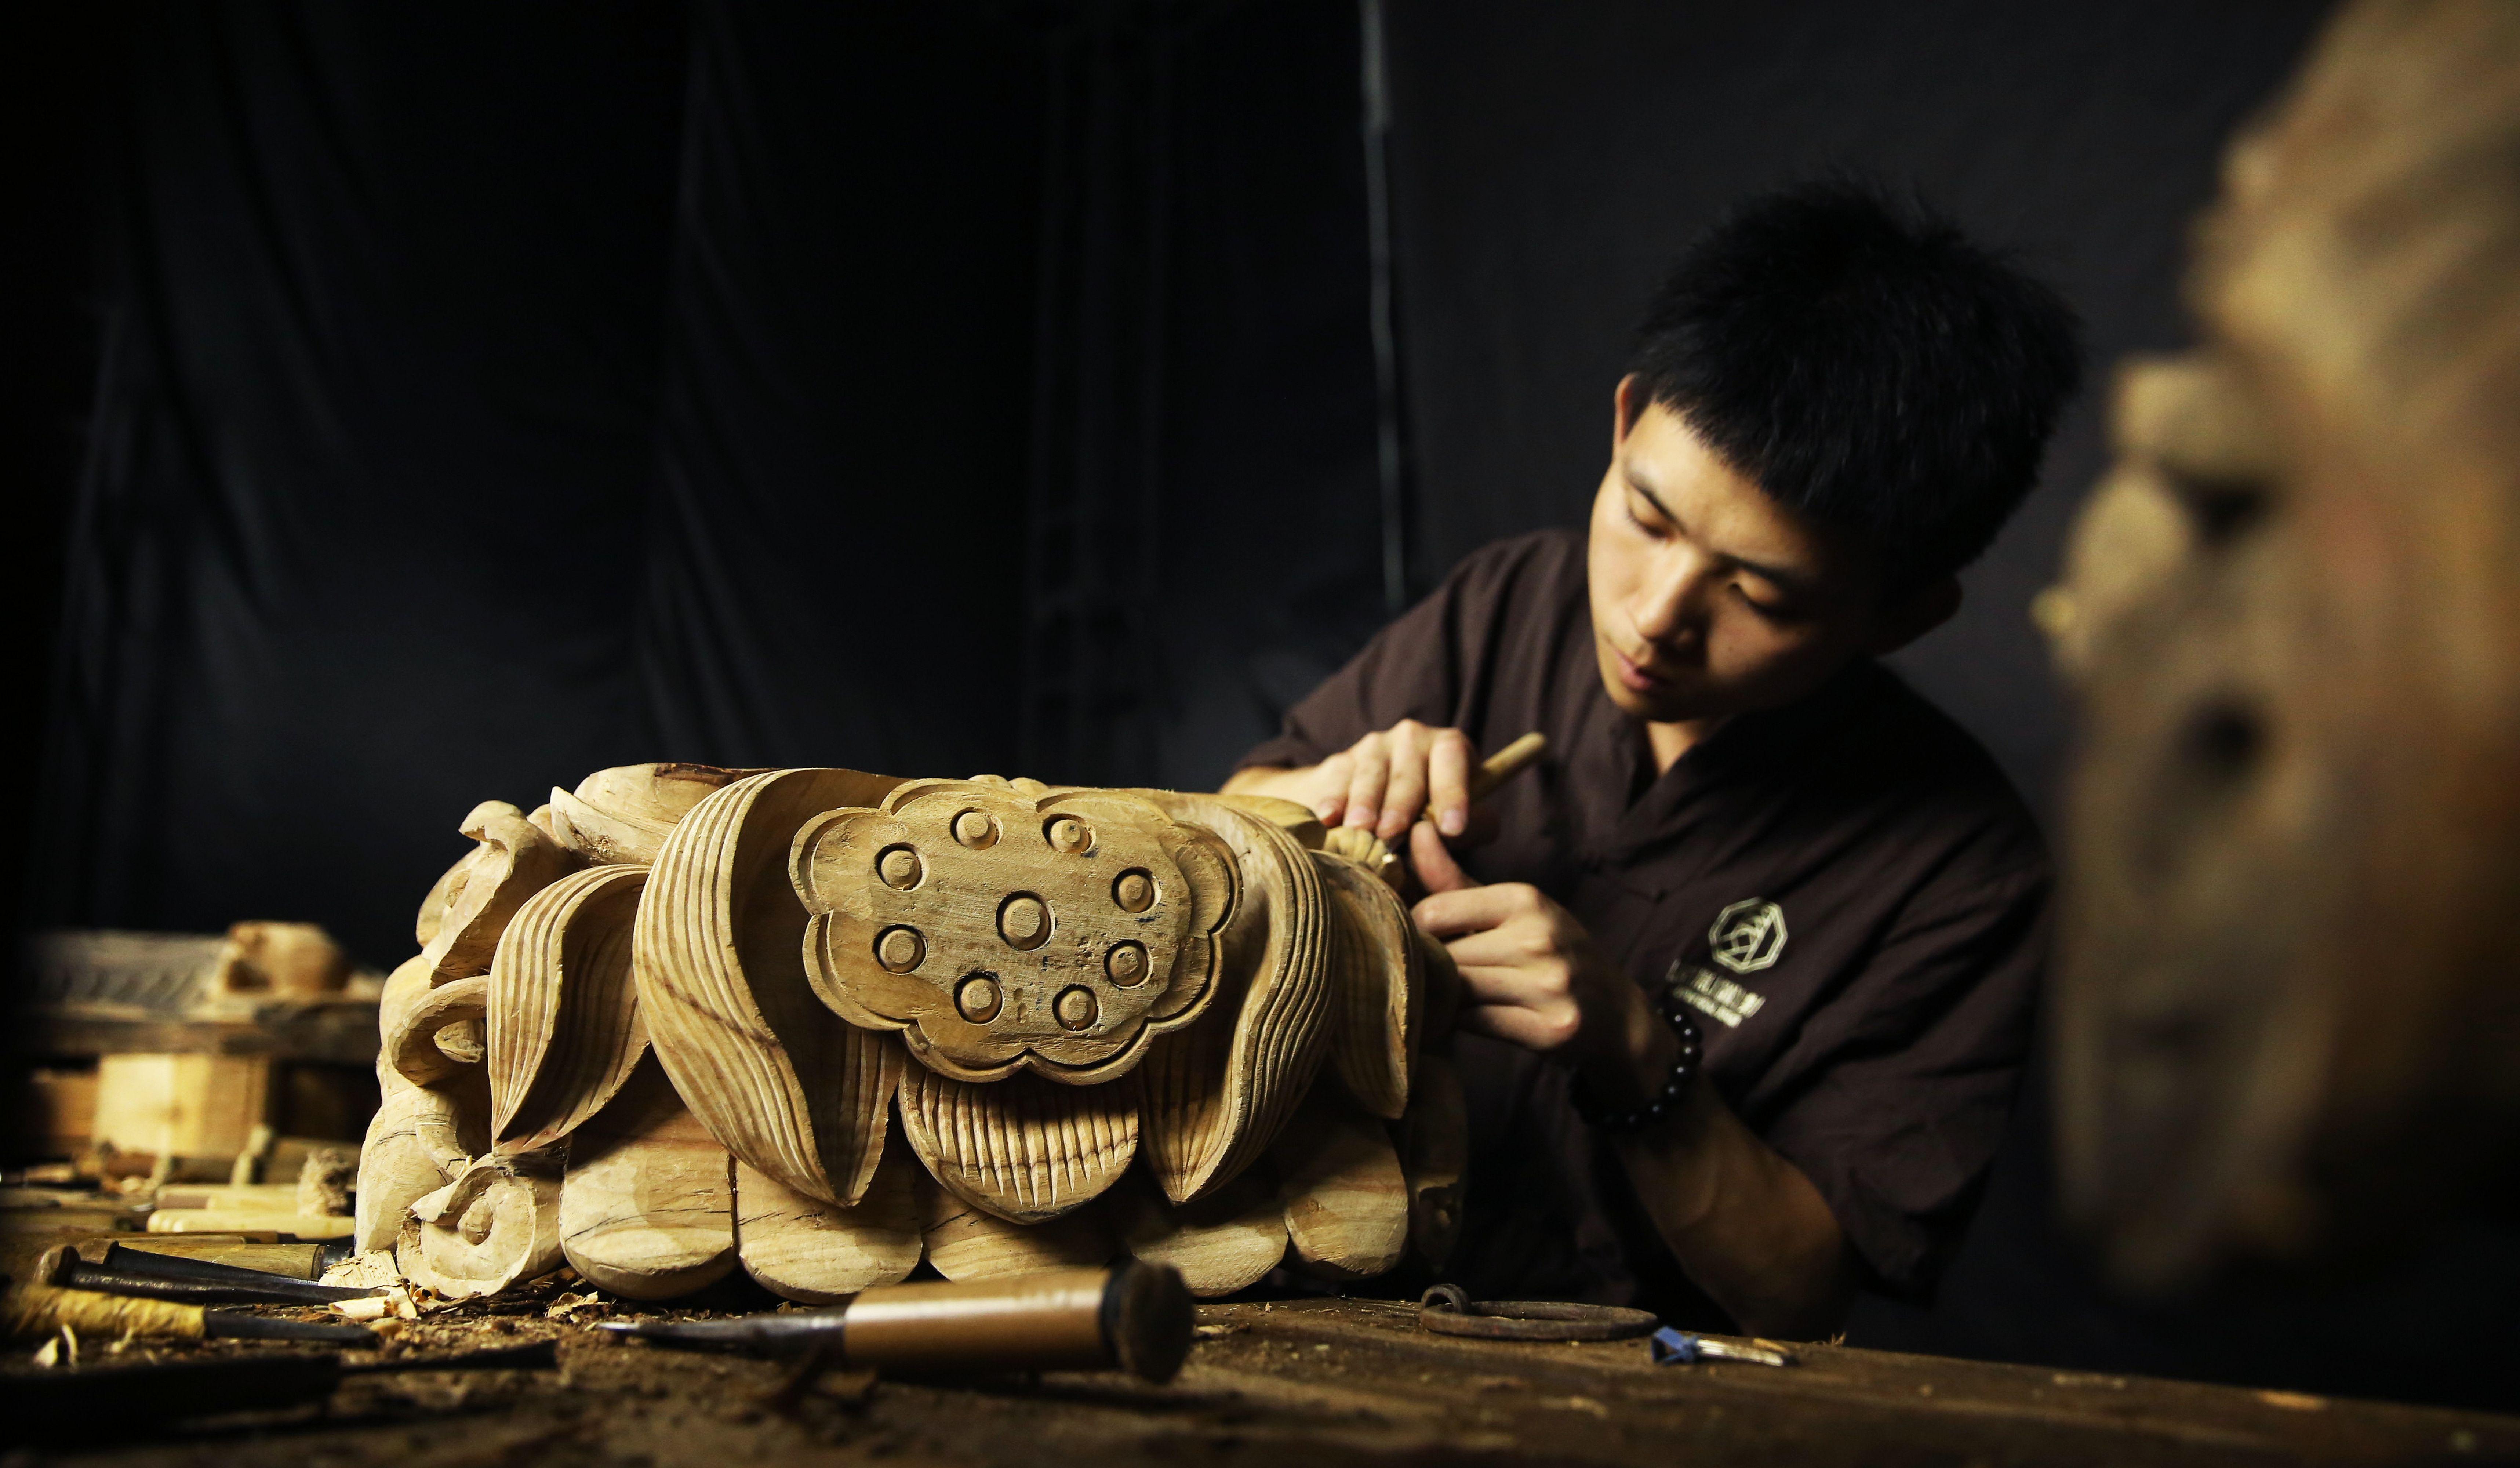 RS3220_7. Aman Master Craftsman.JPG